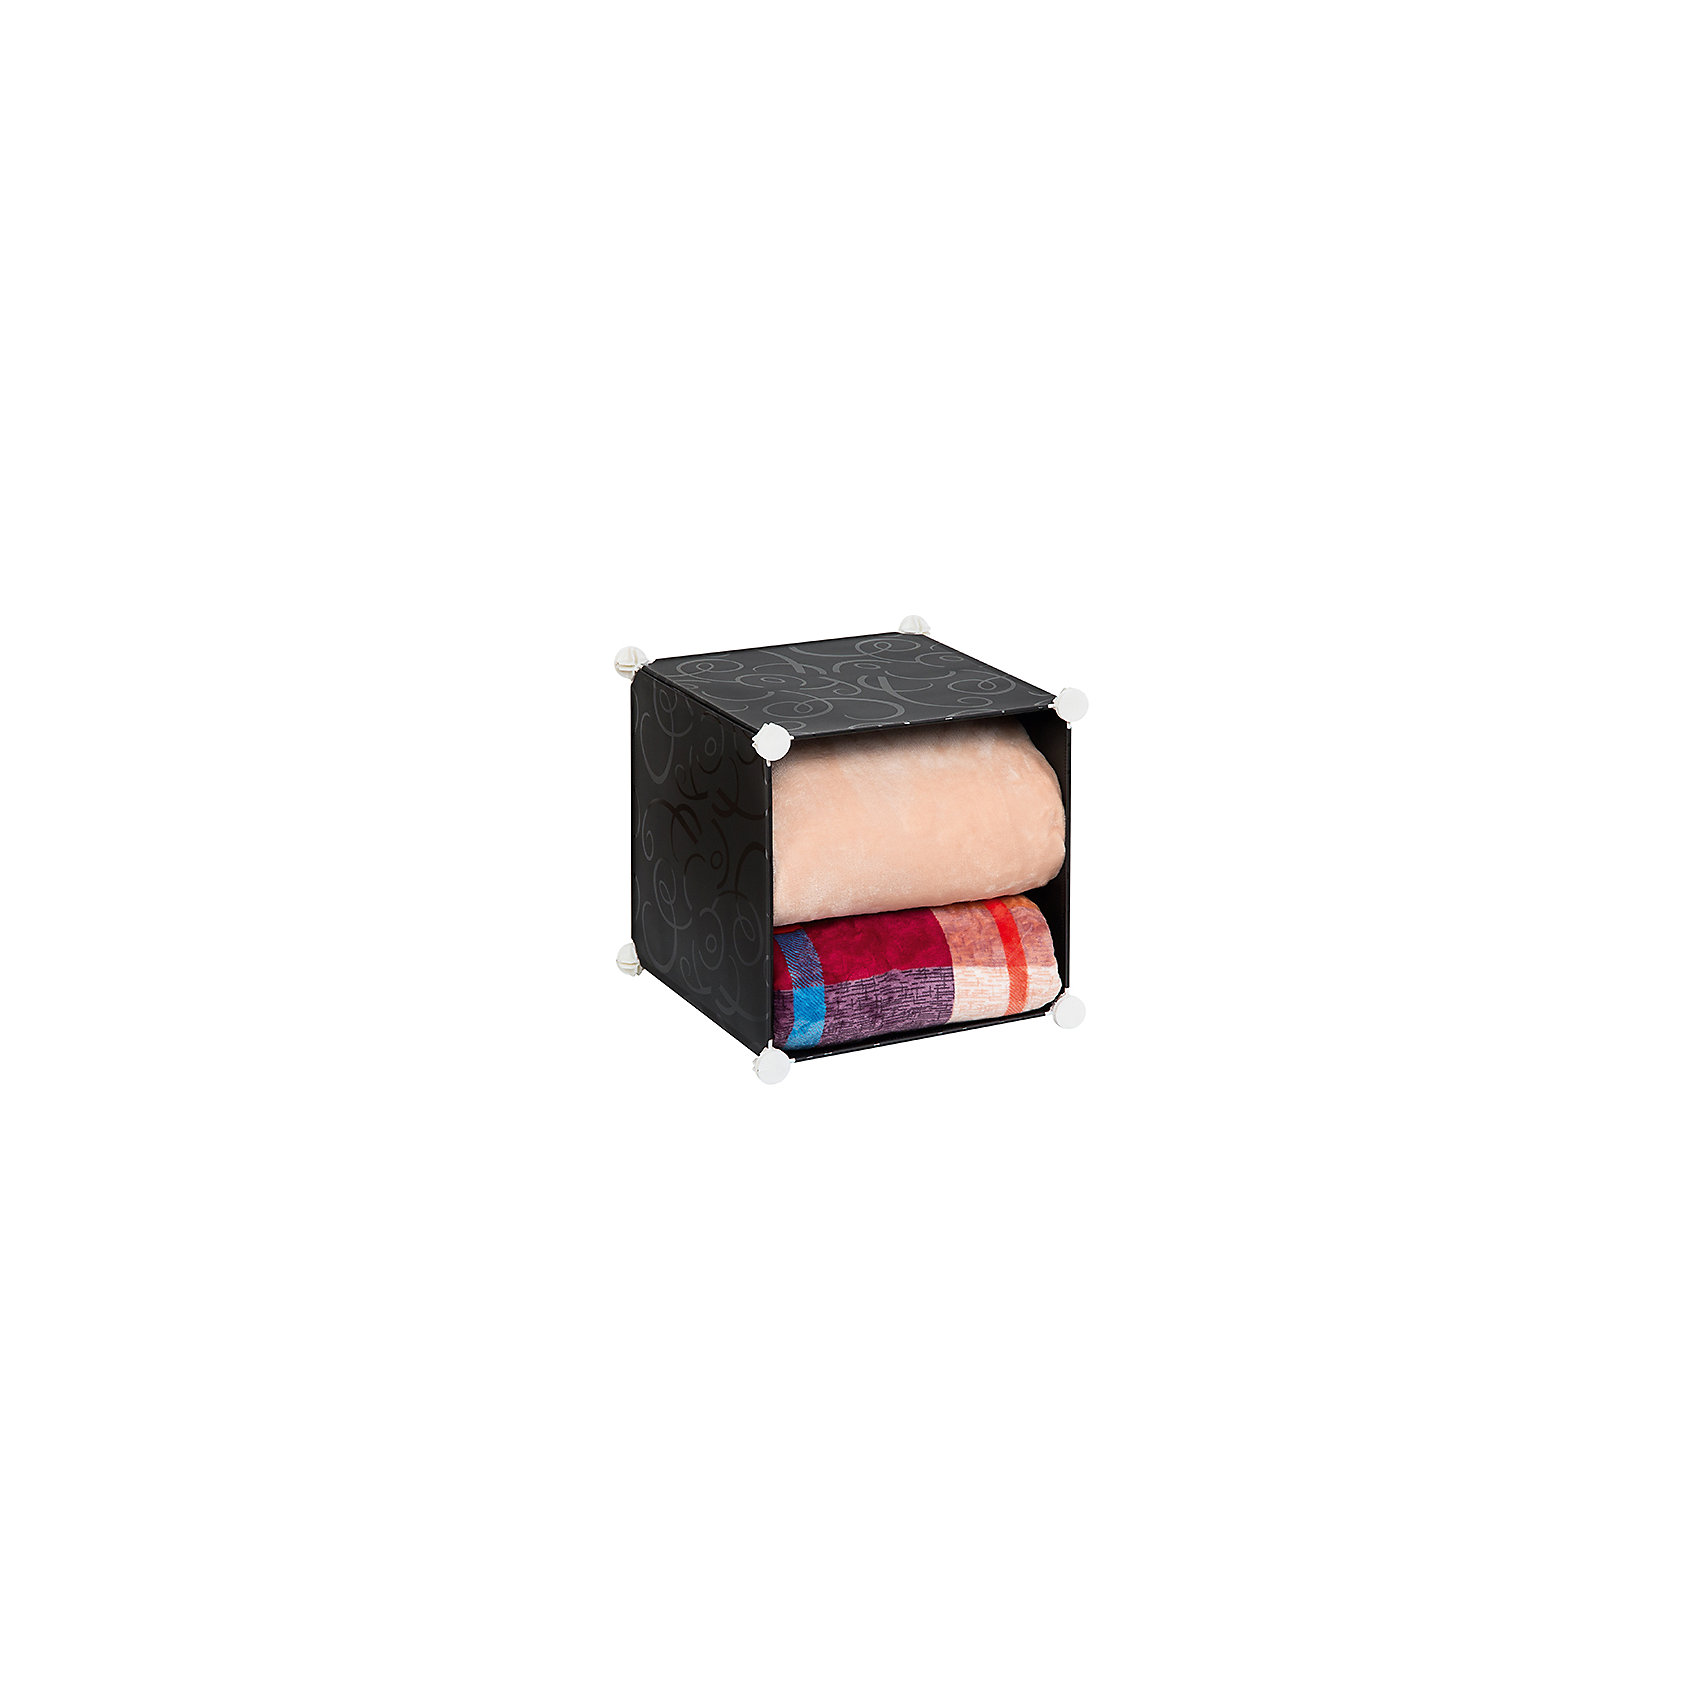 Полка складная для модульного системы хранения 37*39*39 см. Черная с узором, EL CasaПорядок в детской<br>Модульный стеллаж предназначен для храненияодежды, мелочей и игрушек, легкий, вместительный, быстро собирается, не занимает много места,  имеет разные варианты сборки, комбинируется с другими полками  модульных систем бренда EL Casa. Полка состоит из сборного металлического каркаса, на который натянуты панели из полипропилена. Дверца на магните, ручка в виде отверстия.<br><br>Ширина мм: 420<br>Глубина мм: 370<br>Высота мм: 52<br>Вес г: 1250<br>Возраст от месяцев: 0<br>Возраст до месяцев: 1188<br>Пол: Унисекс<br>Возраст: Детский<br>SKU: 6668788